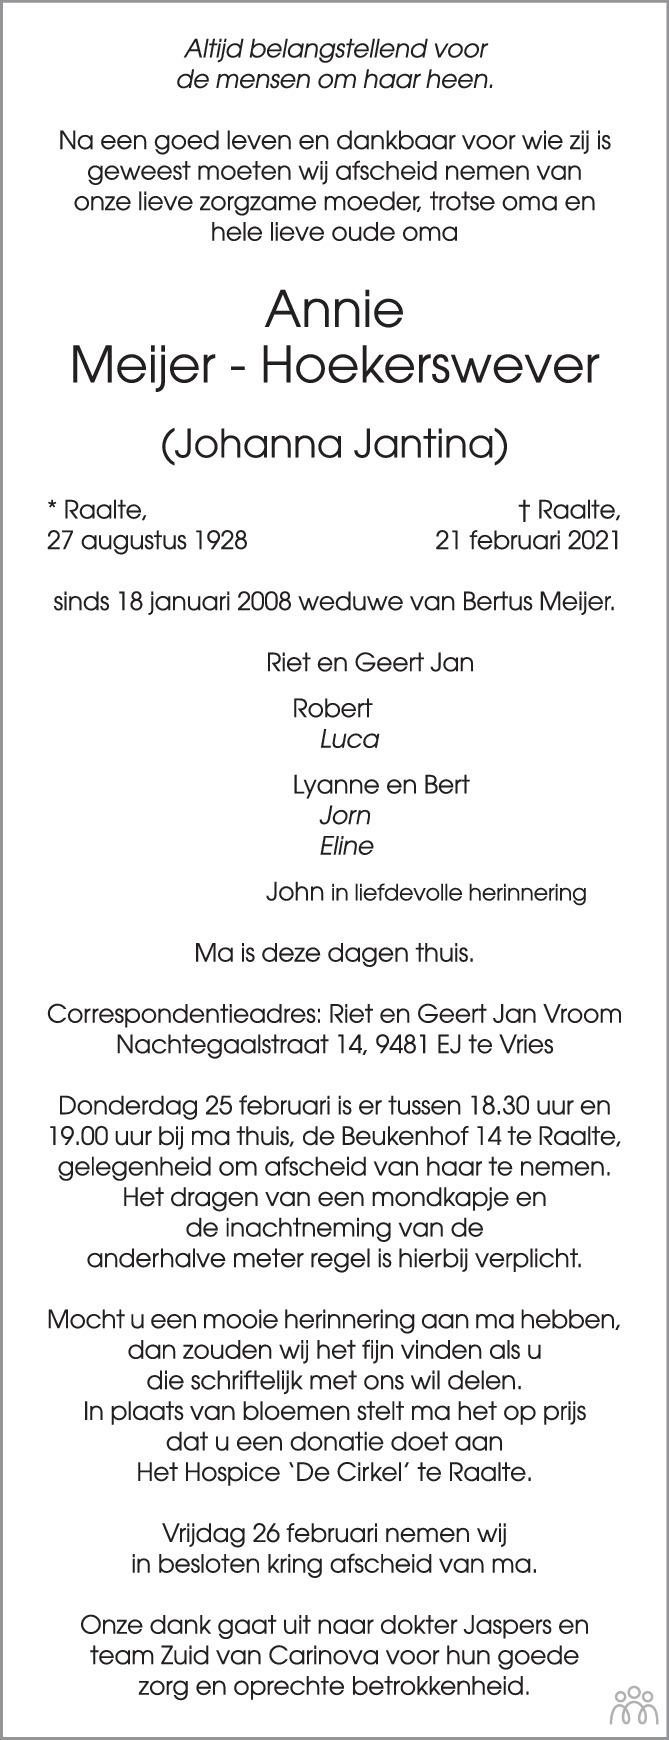 Overlijdensbericht van Annie (Johanna Jantina) Meijer-Hoekerswever in de Stentor